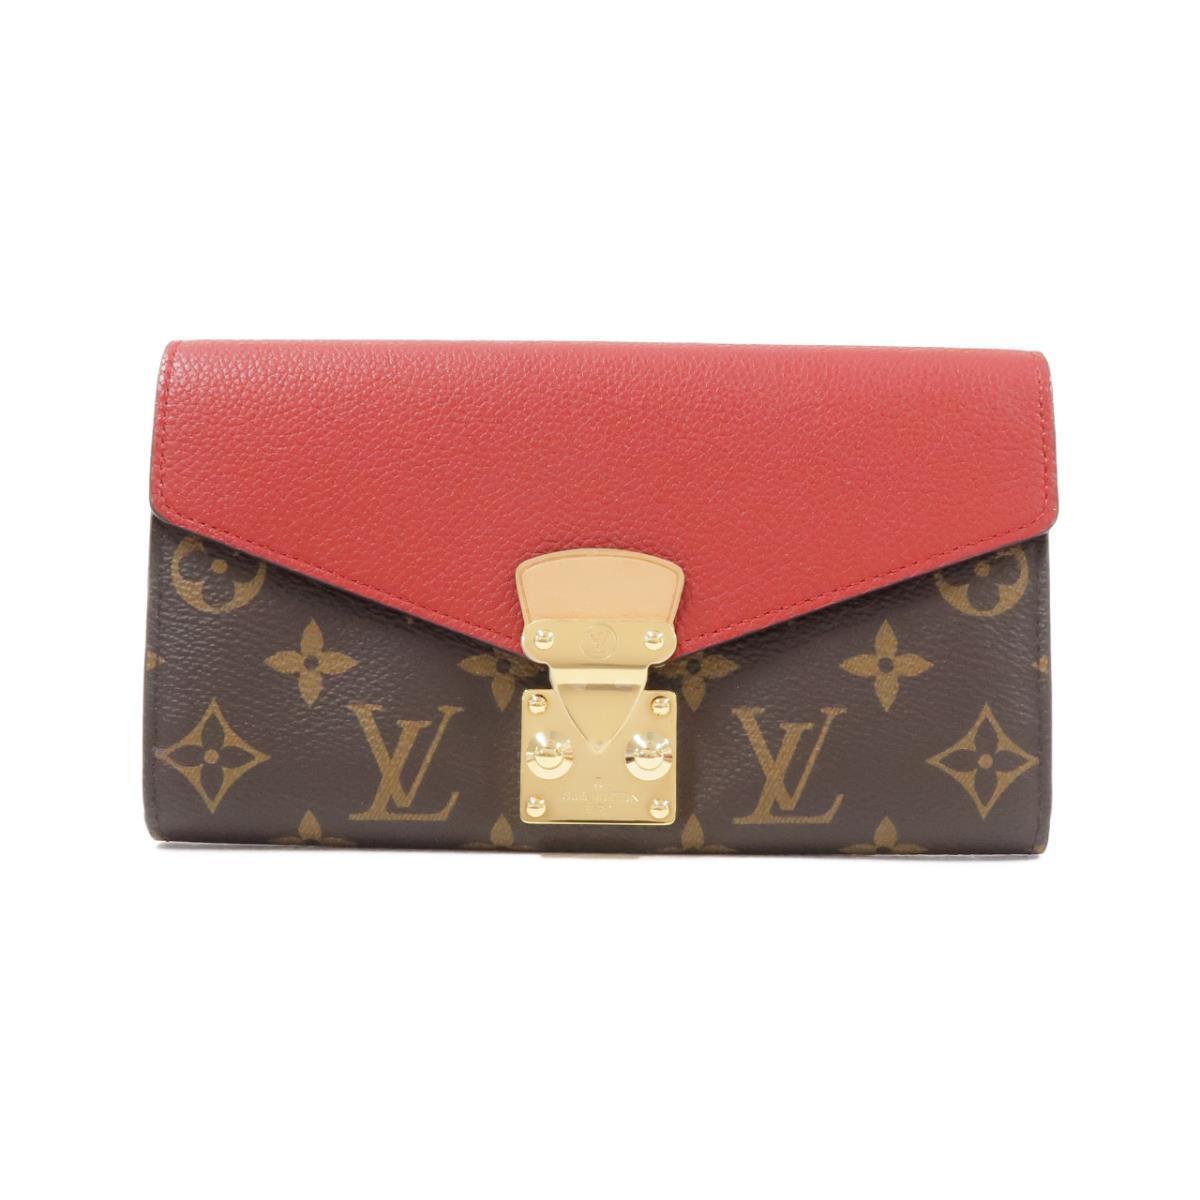 ルイ・ヴィトンのS字型ロック長財布